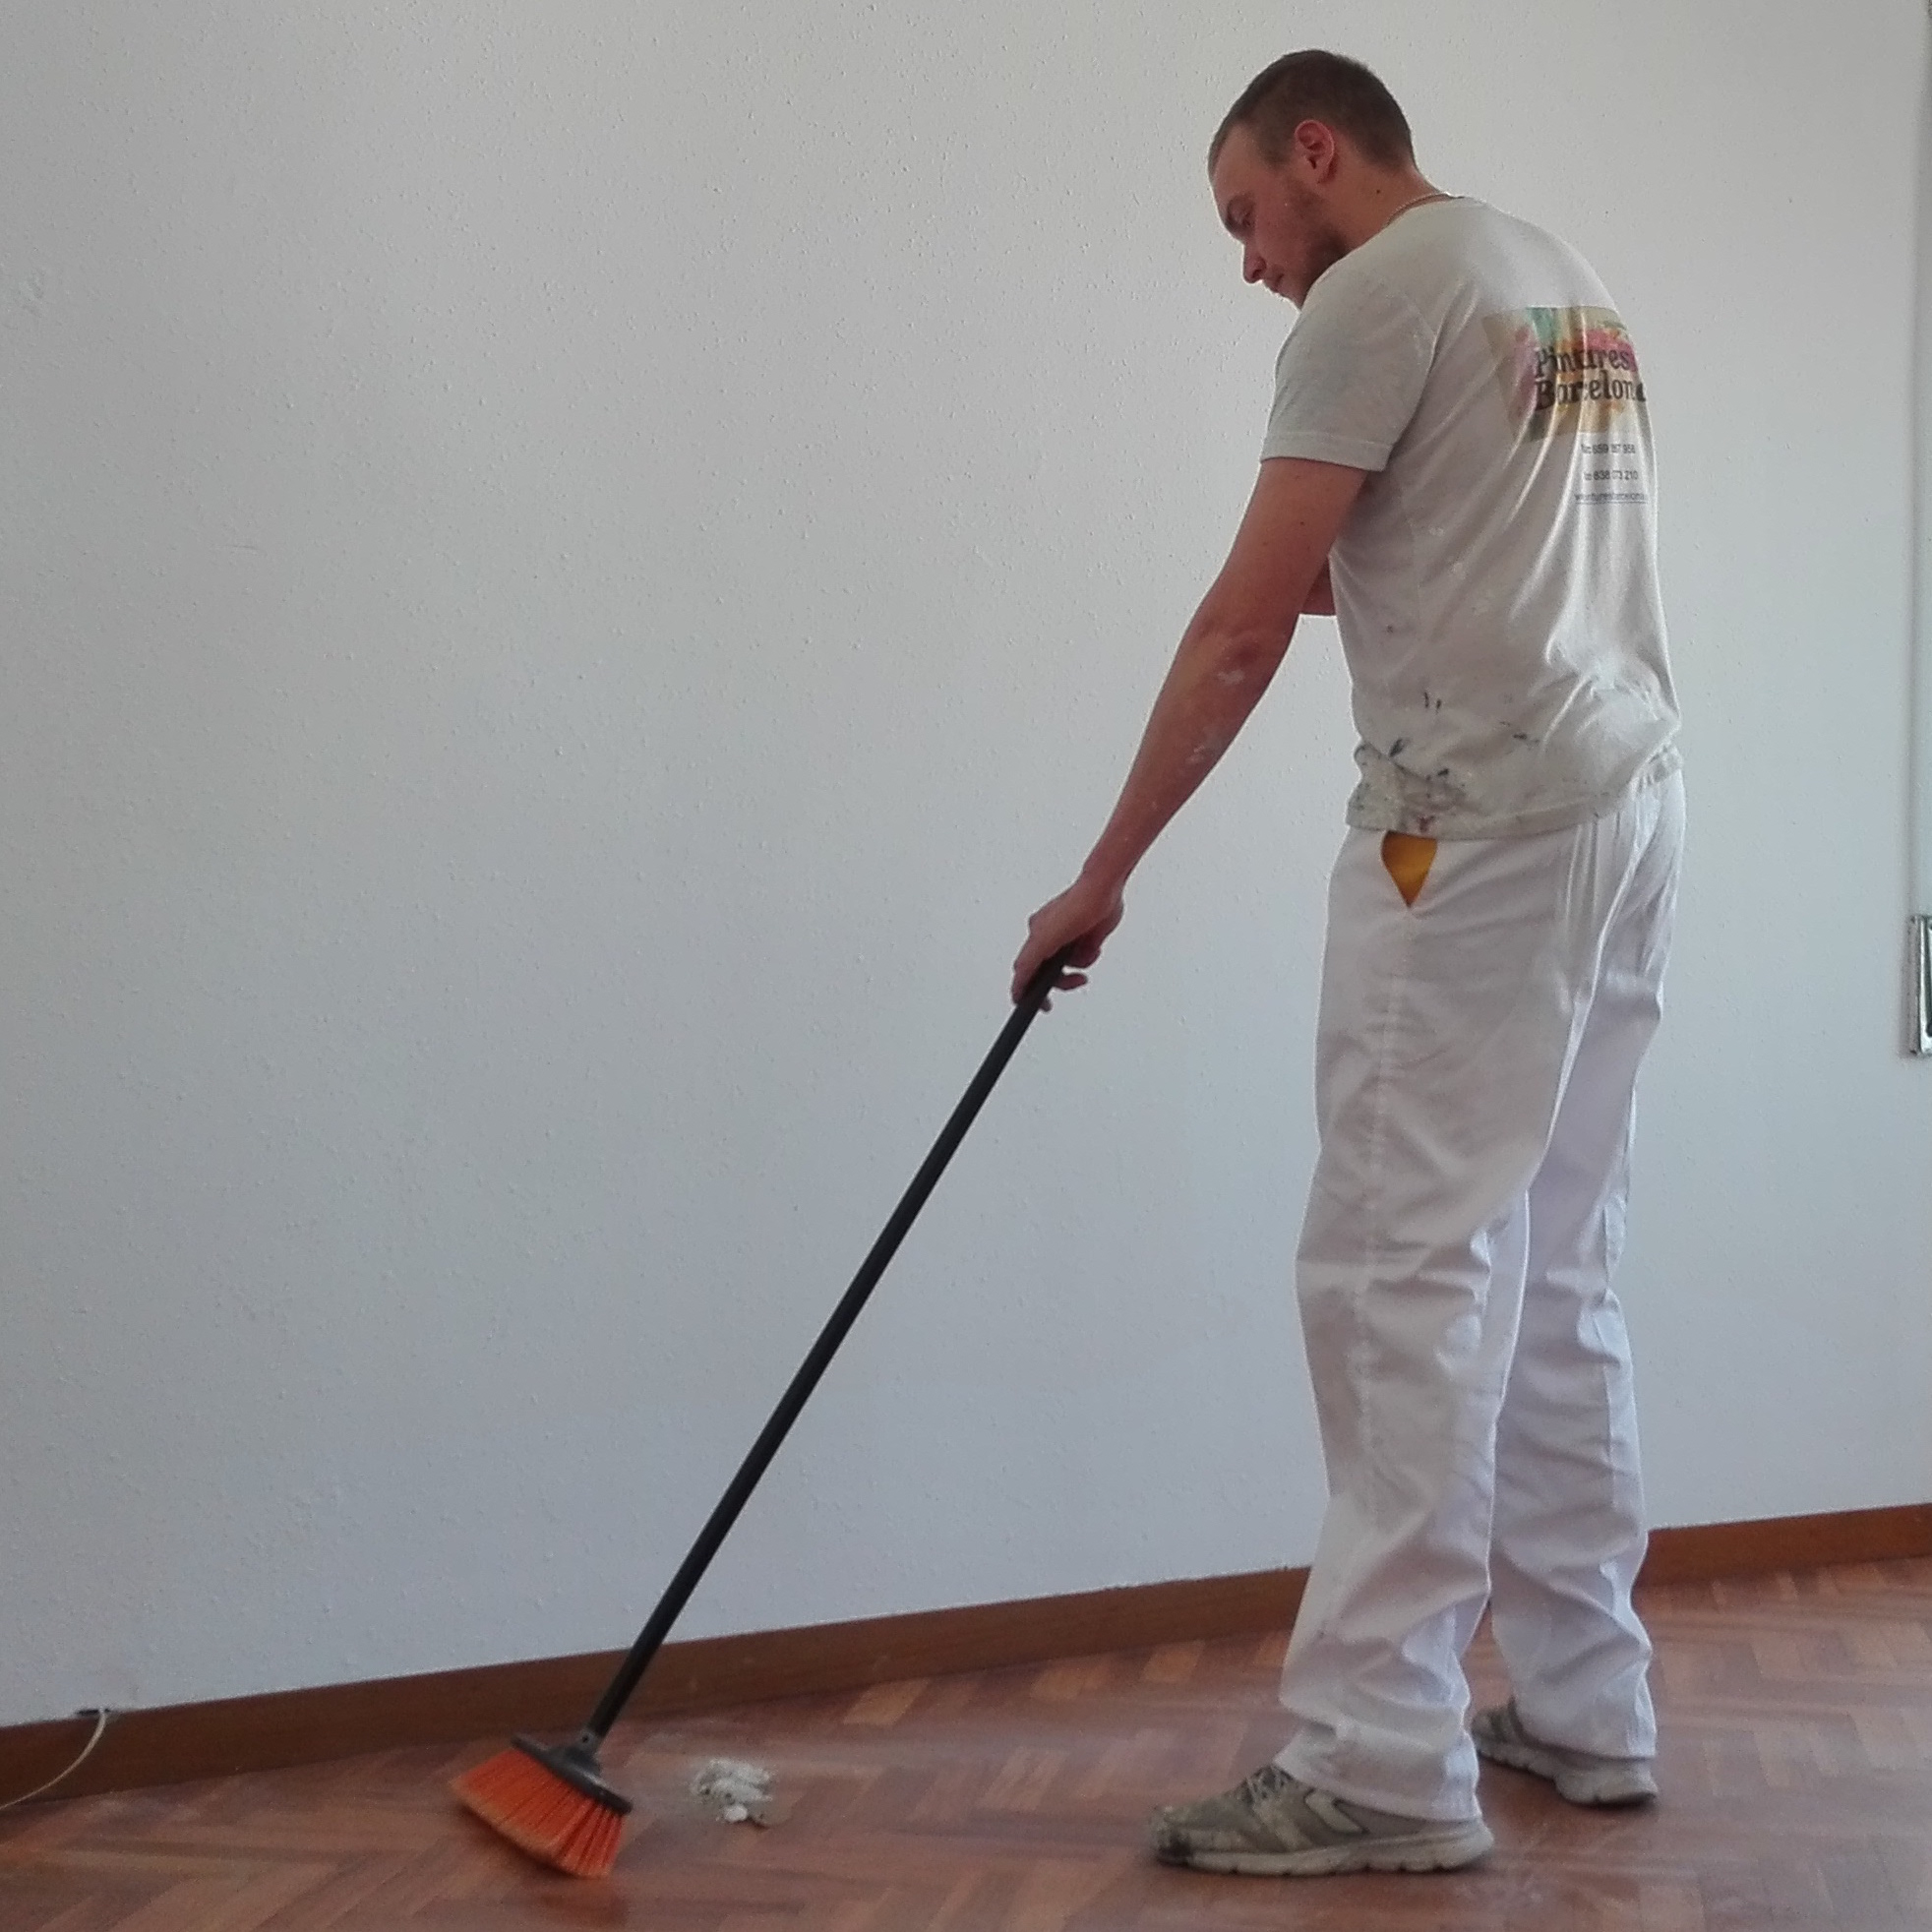 Limpiamos después de pintar